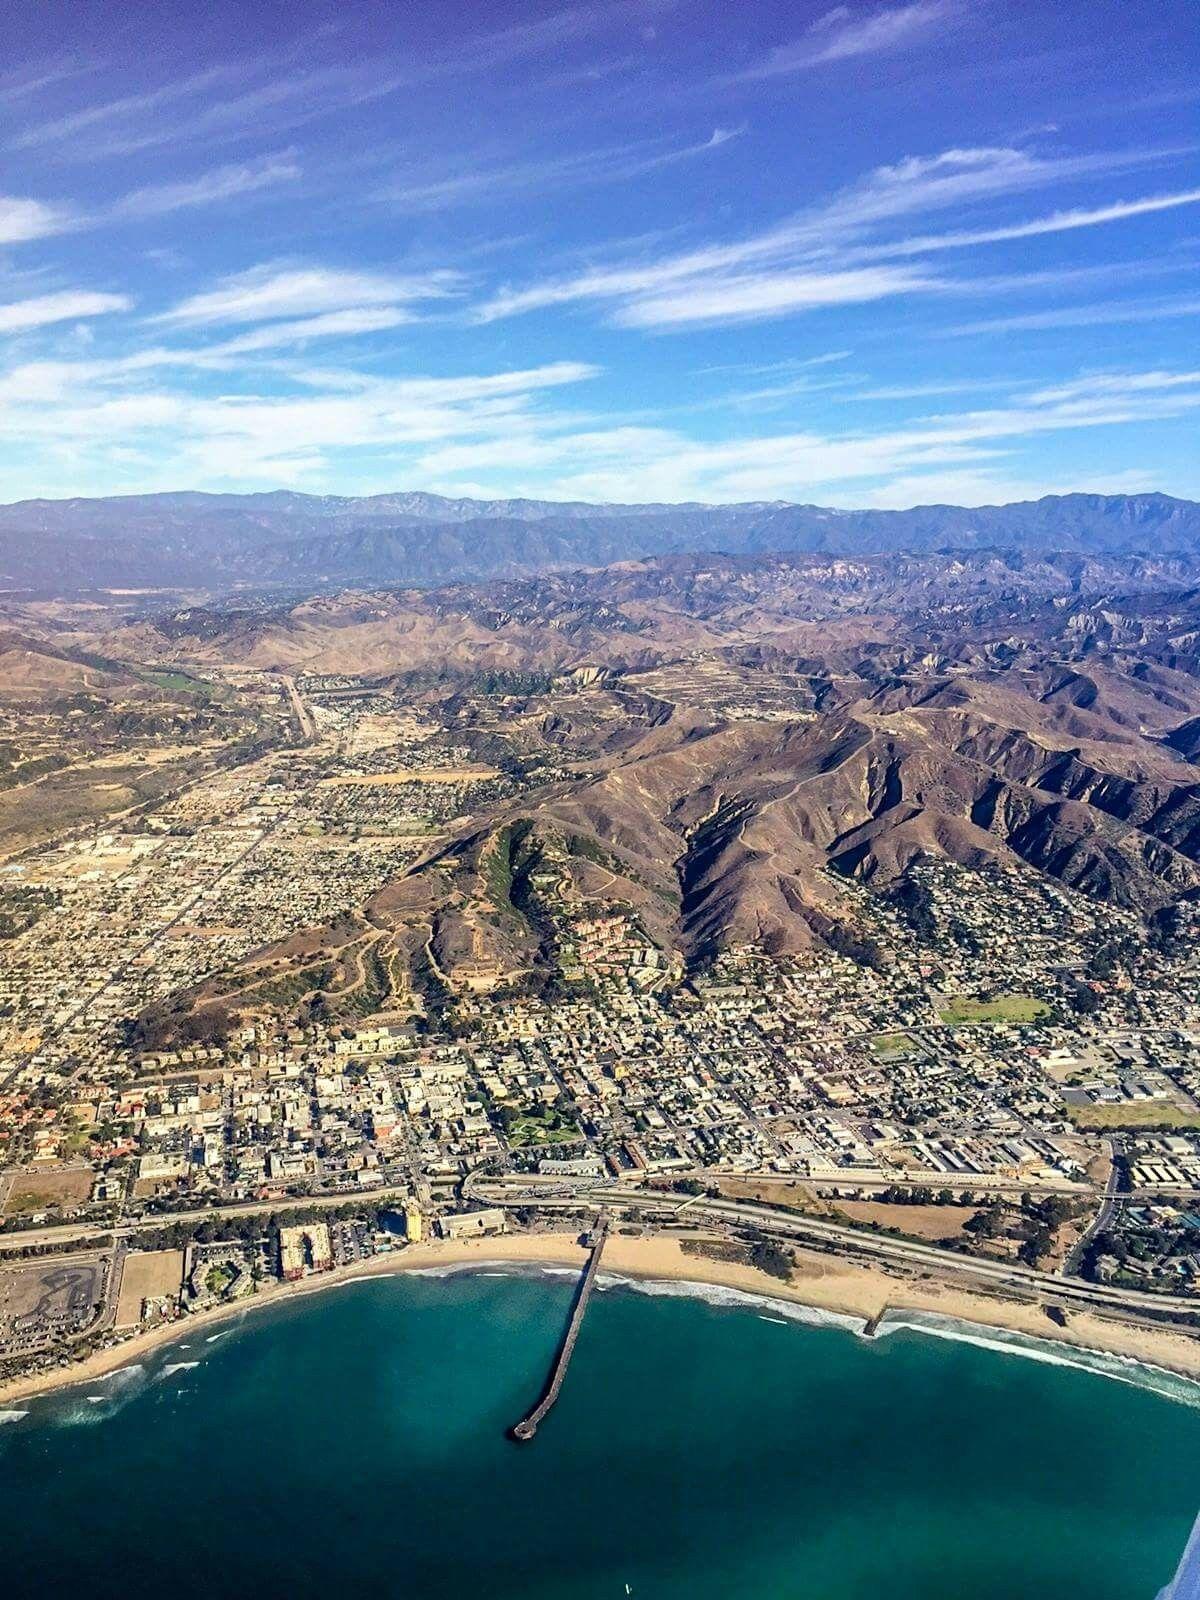 Ventura California Oxnard California Ventura California San Luis Obispo County